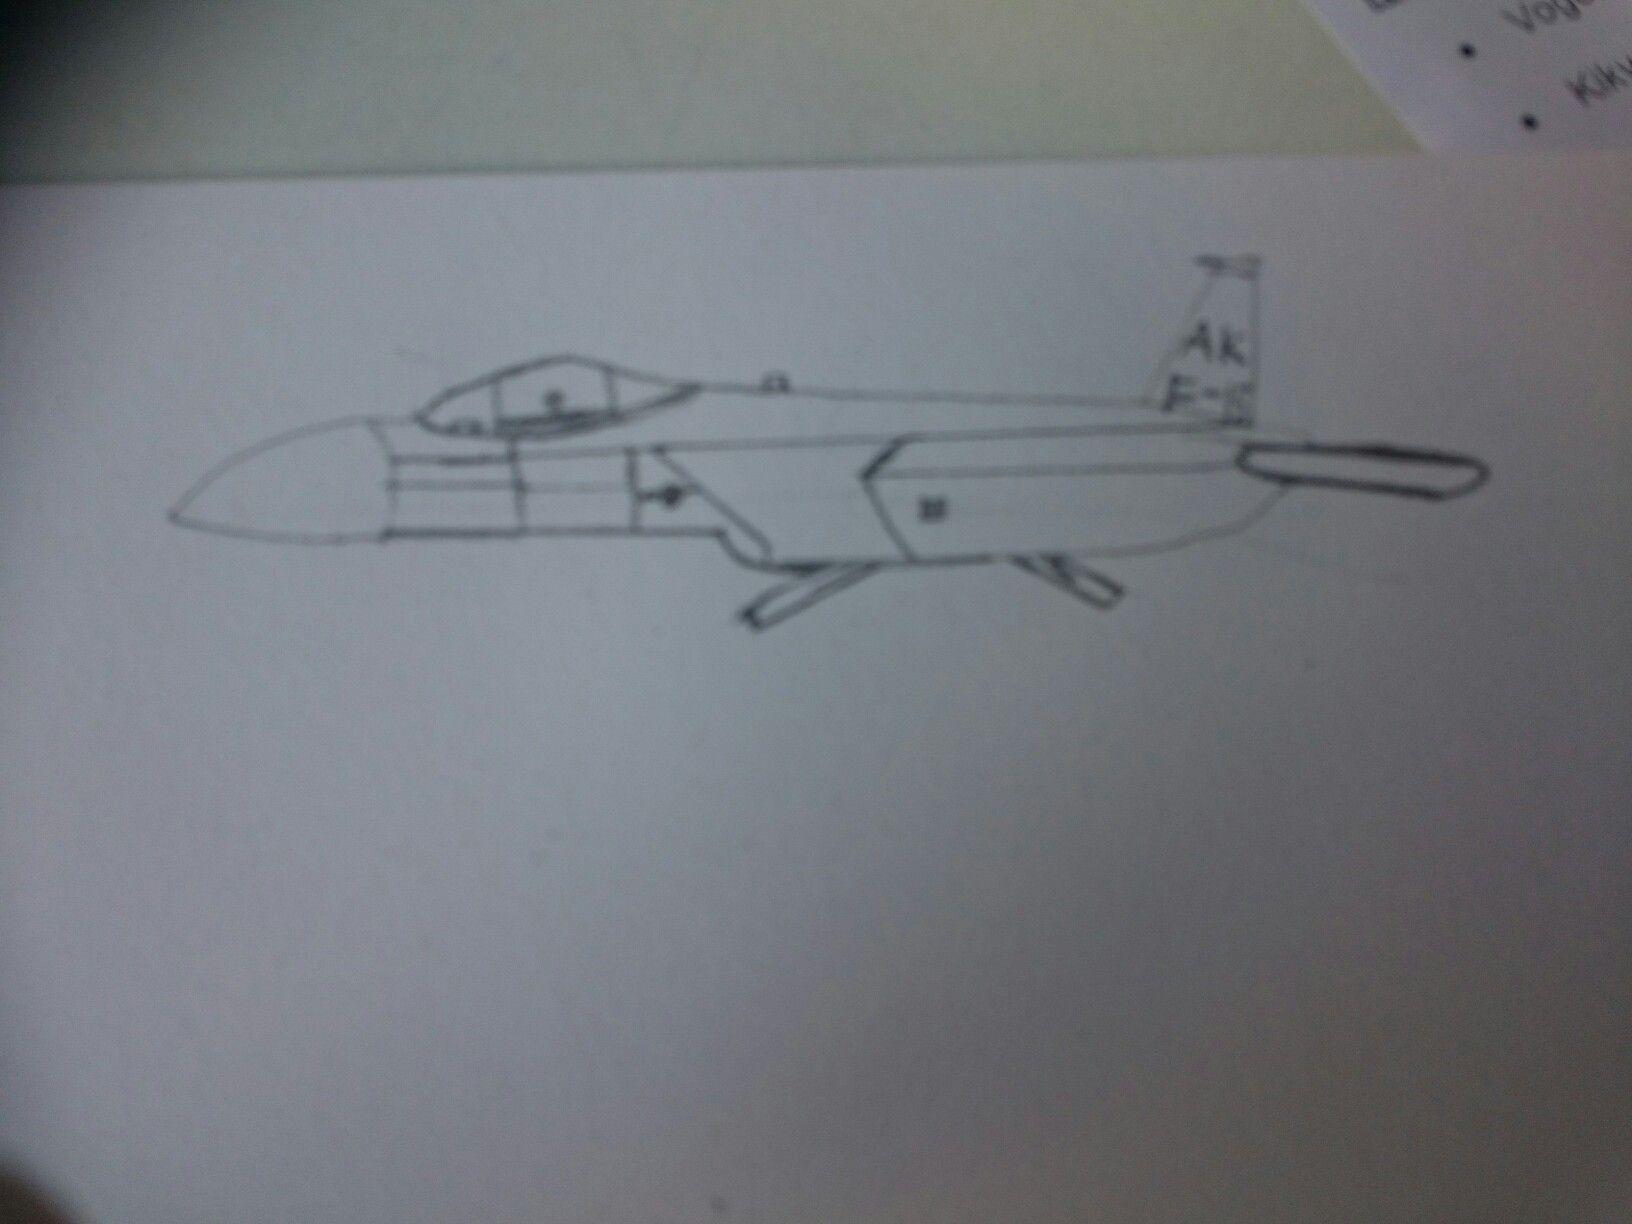 Tekenen opdracht 1 Test: Dit is een test van de straaljager die ik ga tekenen.